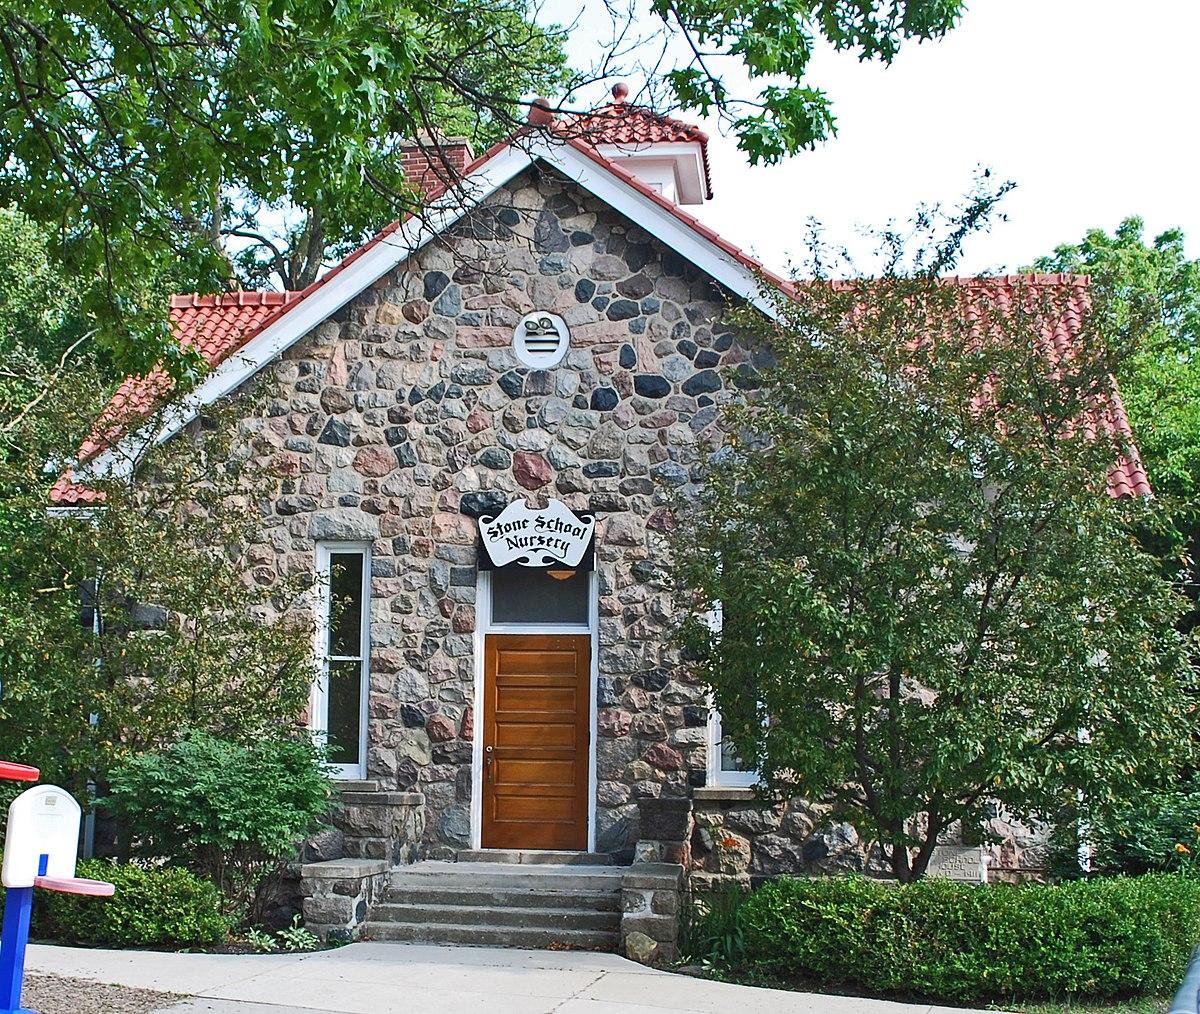 Arbor Place Dr: Stone School (Ann Arbor, Michigan)